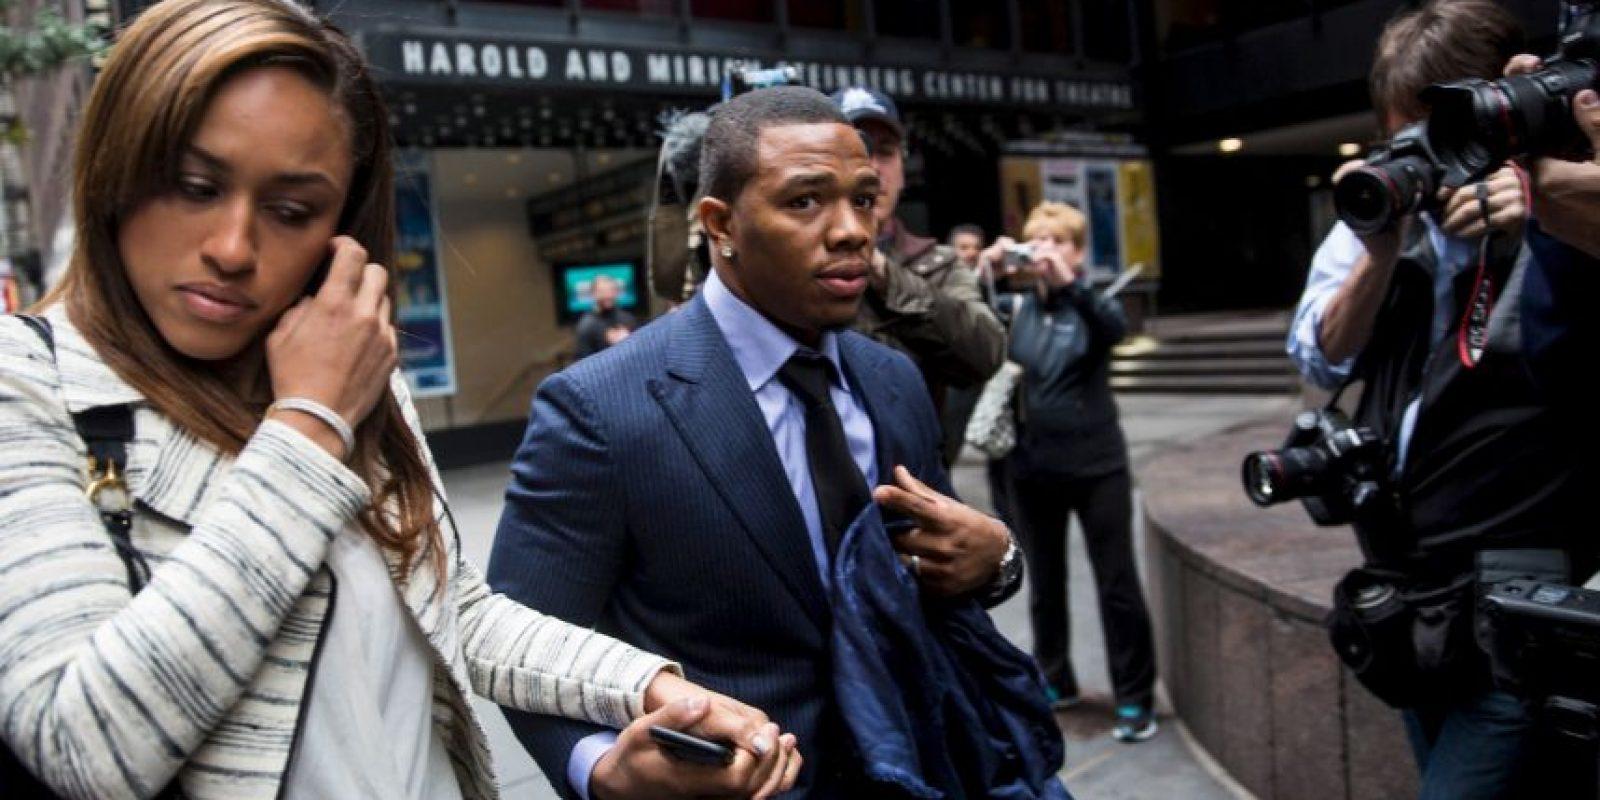 El exjugador de los Cuervos de Baltimore fue captado mientras agredía en un elevador a su ahora esposa, Janay Foto:Getty